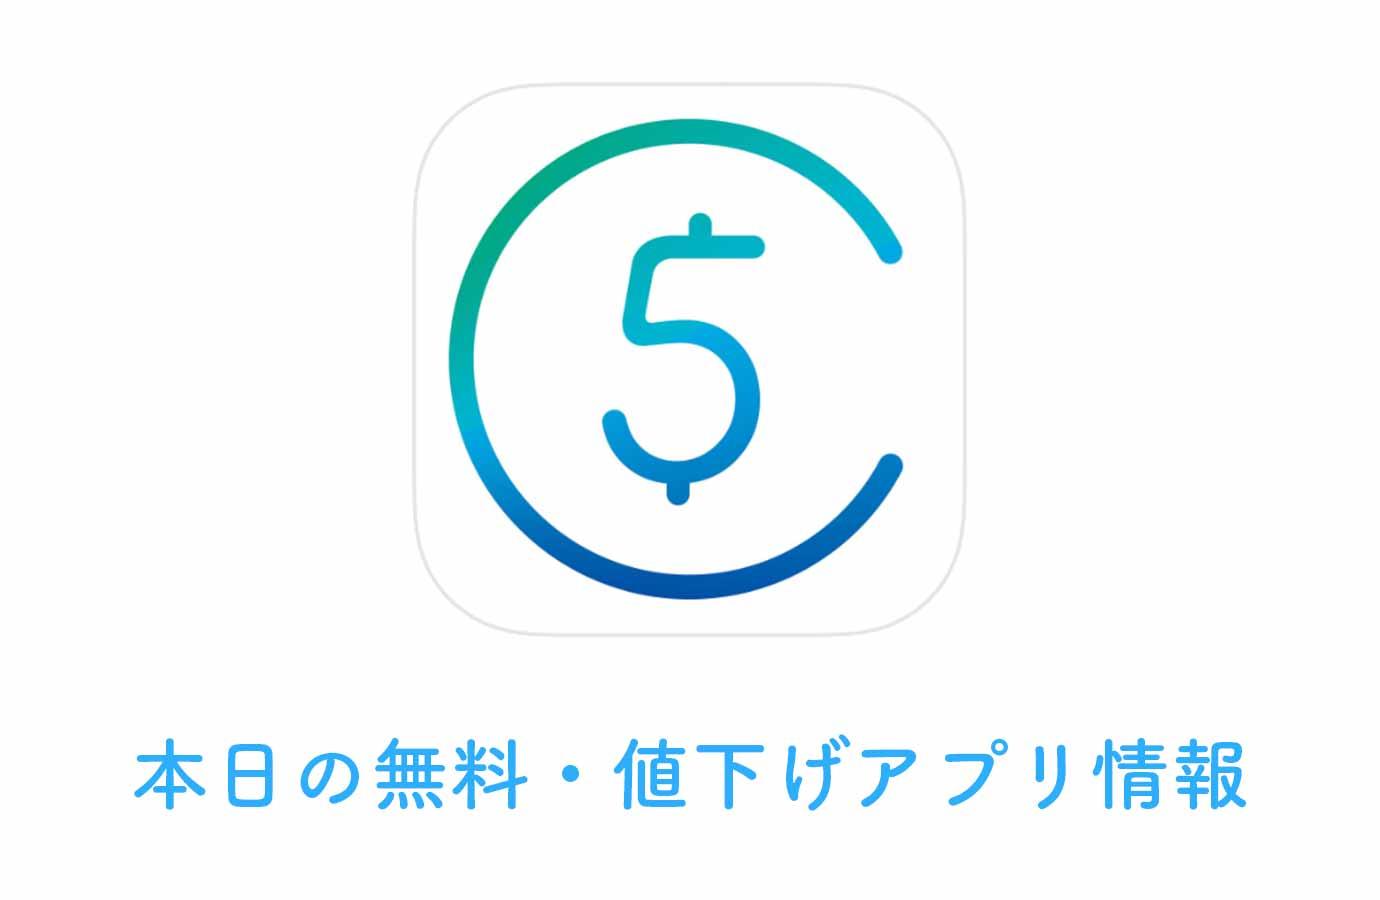 240円→無料、シンプルなデザインのお小遣い管理アプリ「5coins」など【5/30】本日の無料・値下げアプリ情報